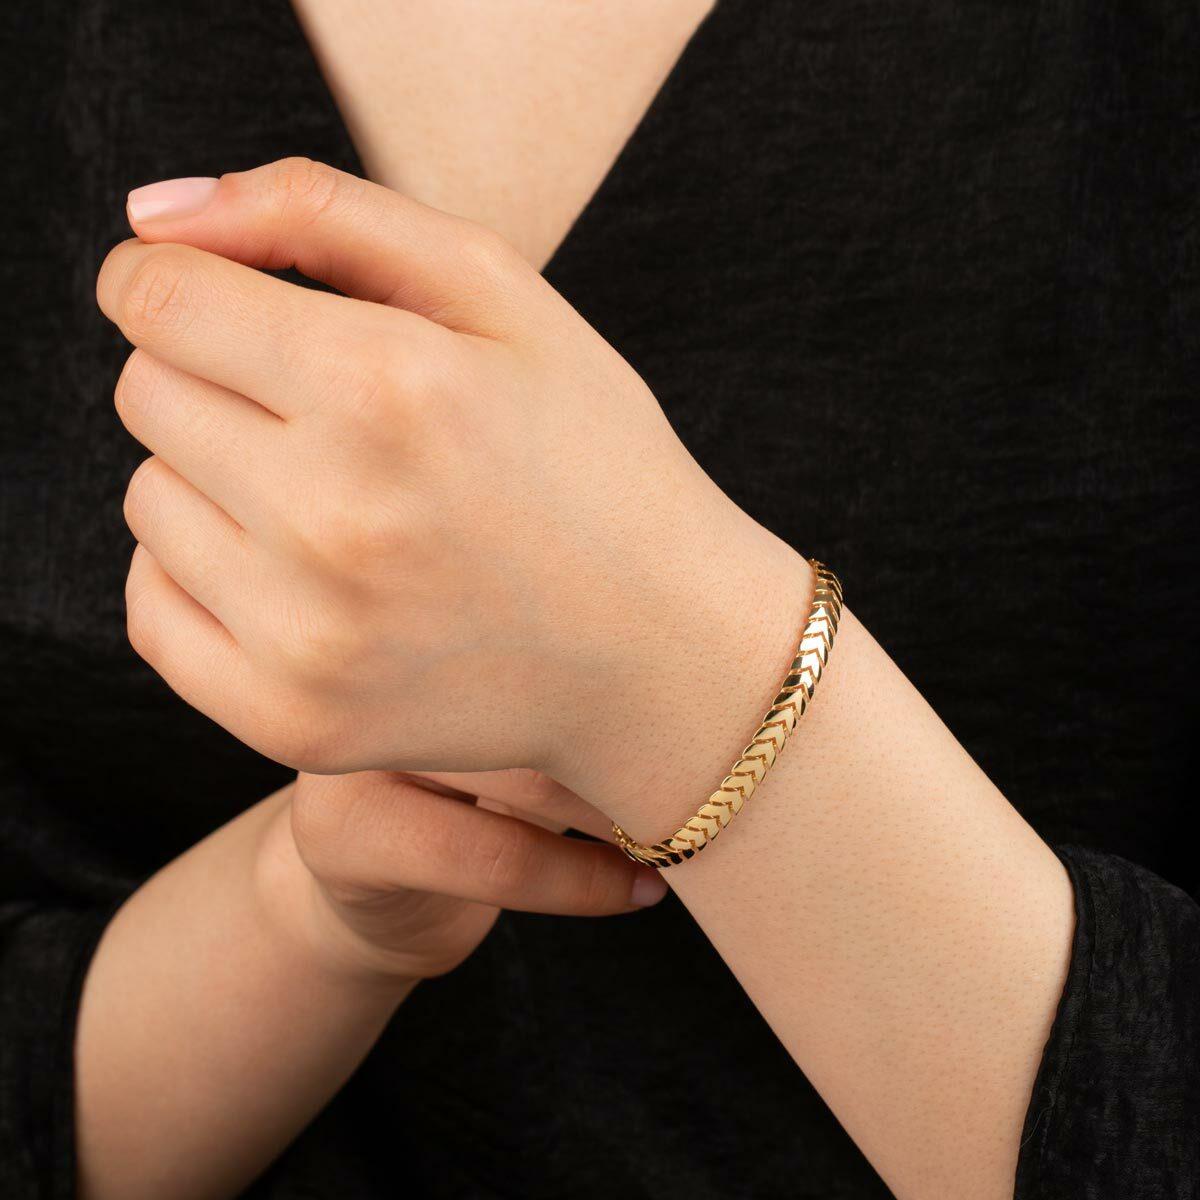 زنجیر دستبند طلا تیغ ماهی